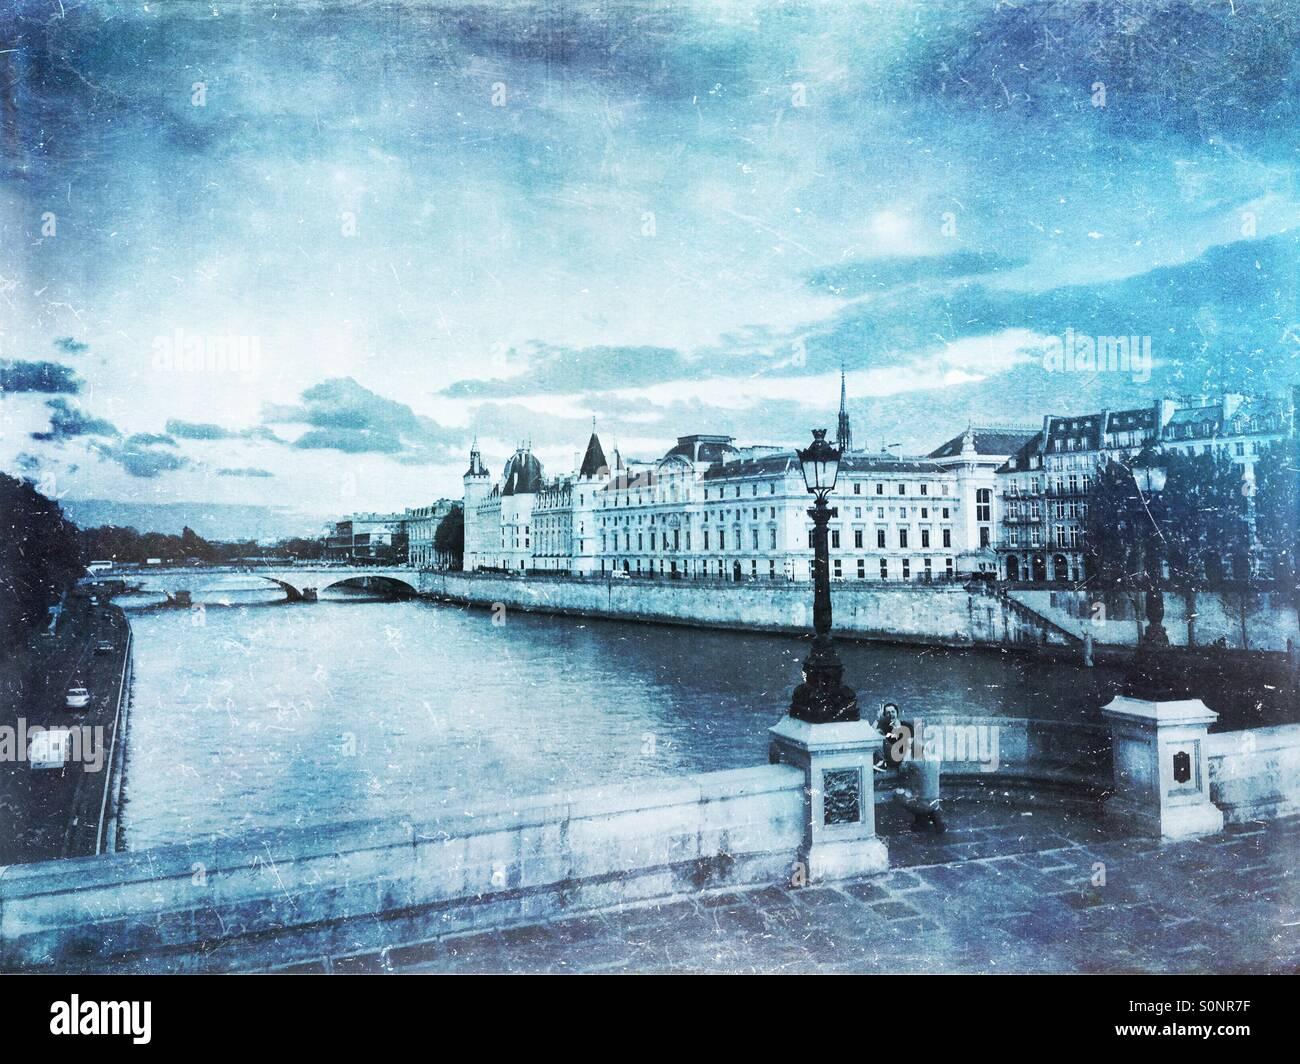 Vue de la Conciergerie sur l'Ile de la Cité à partir de l'ensemble de Seine sur le quai du Louvre. Hiver glacial d'inspiration vintage, la texture du papier calque. Banque D'Images